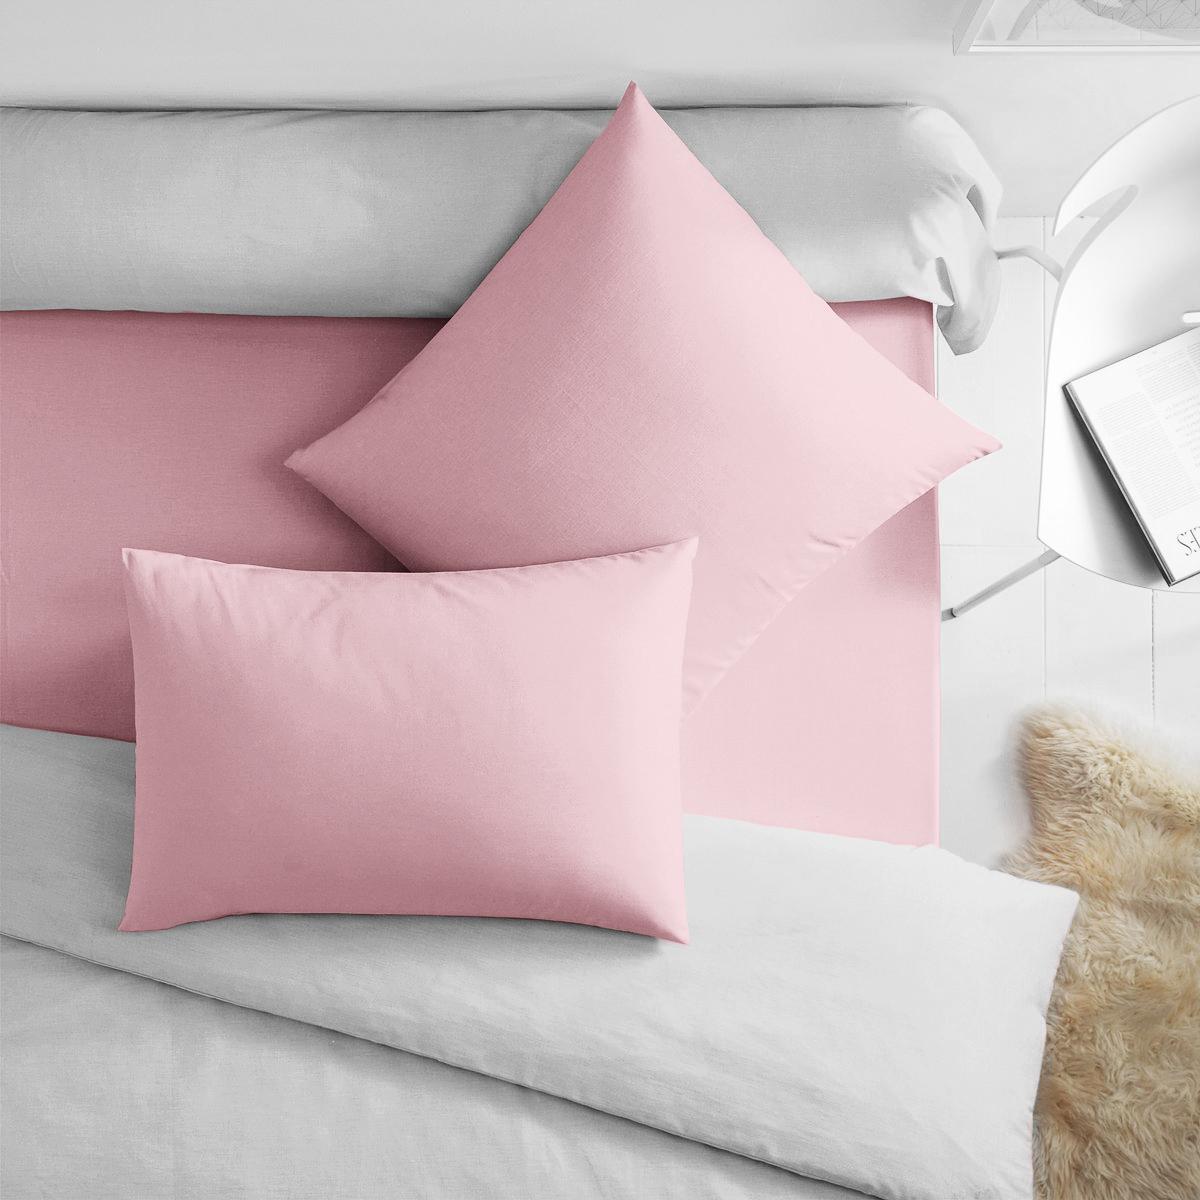 Купить Наволочки Dome, Наволочка Dome Цвет: Розовый (50х70 (2 шт)), Дания, Хлопковый сатин